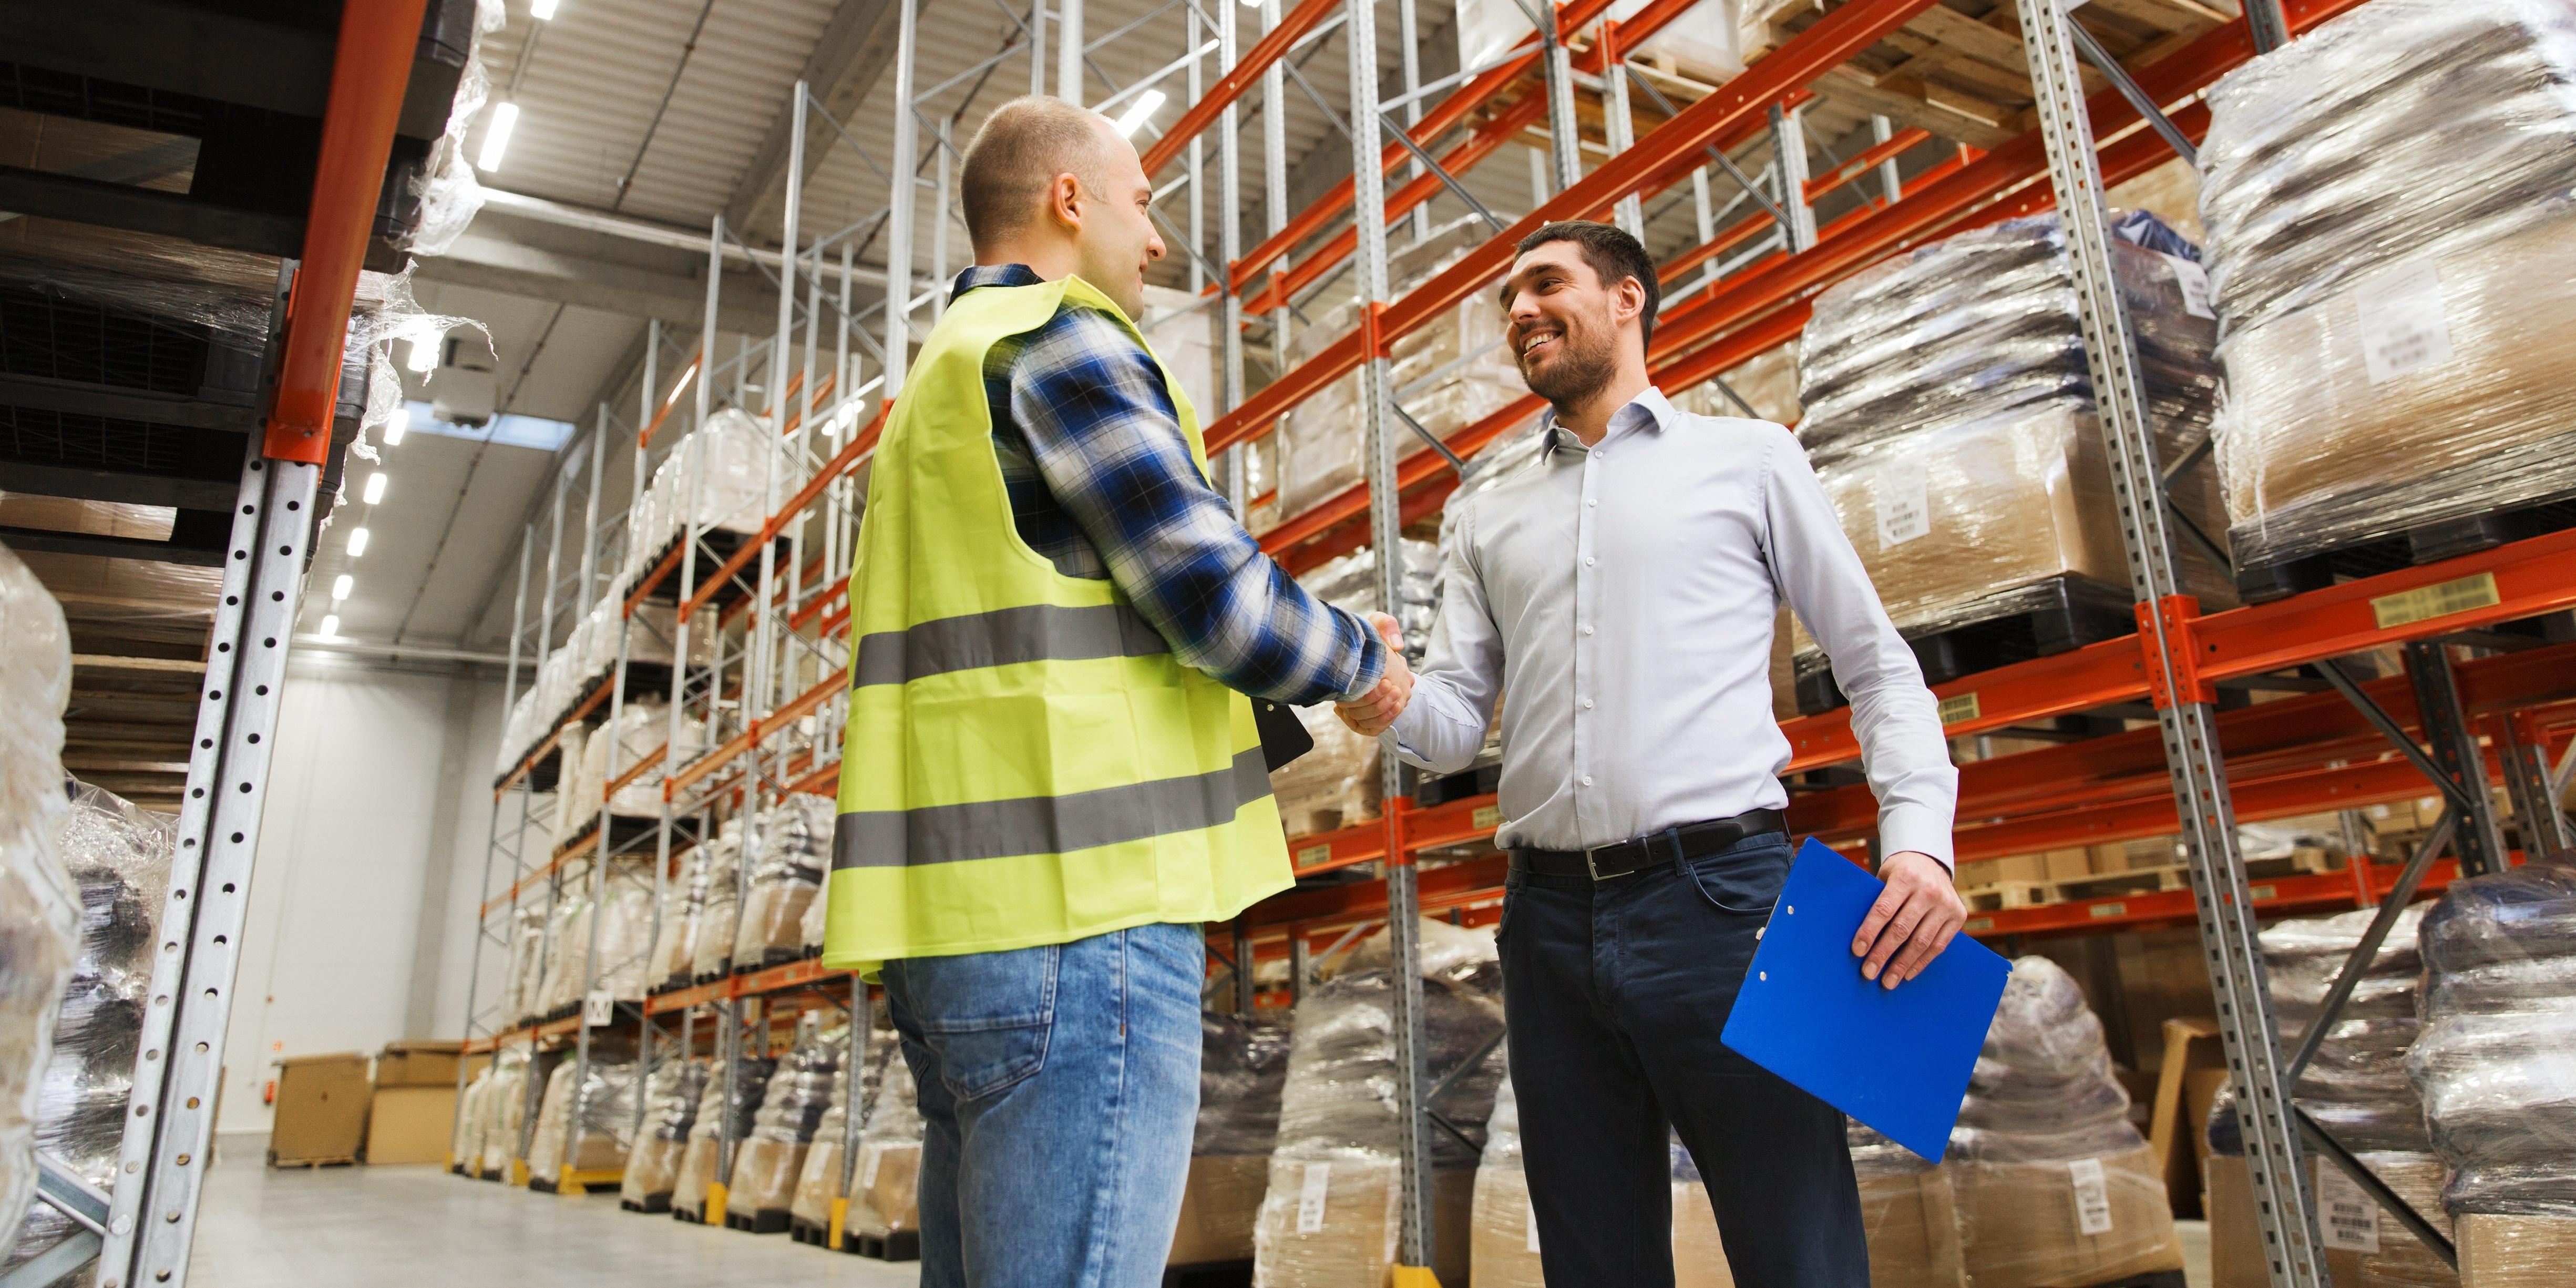 Contractor management: Internal or external?